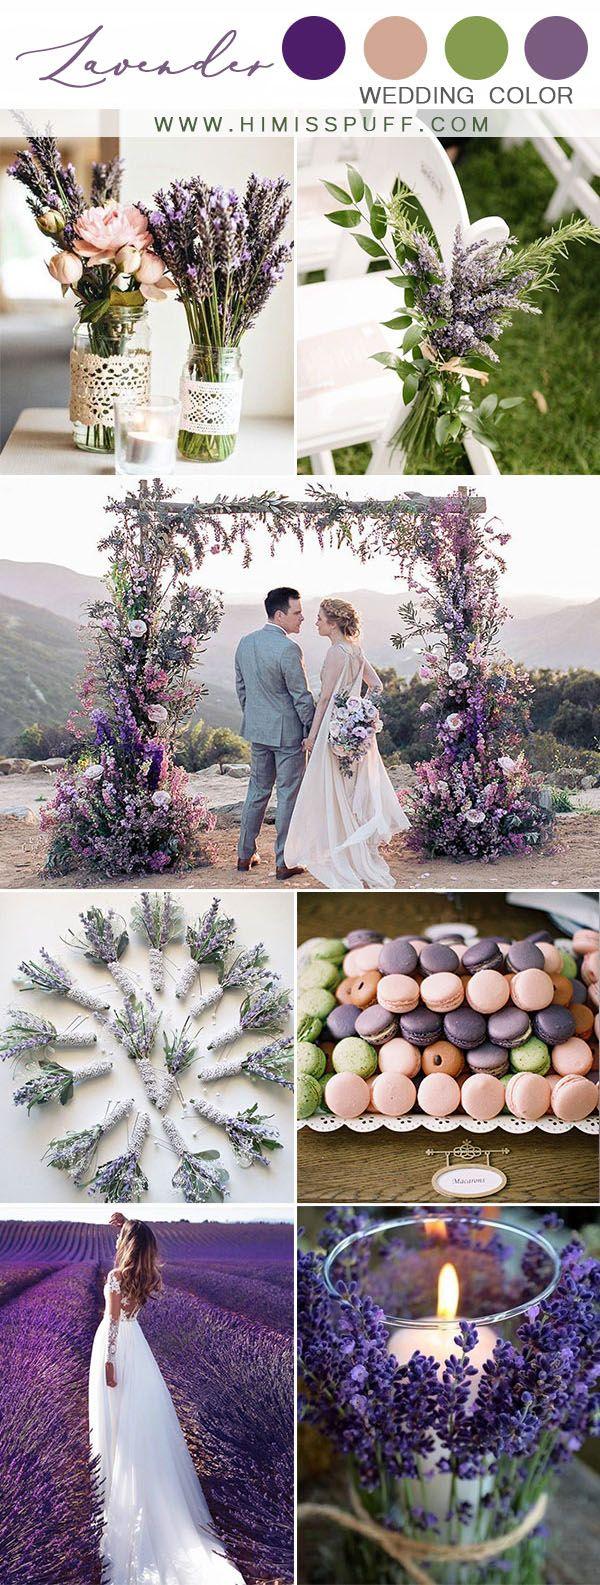 Top 10 Wedding Color Scheme Ideas for 2020 Lavender